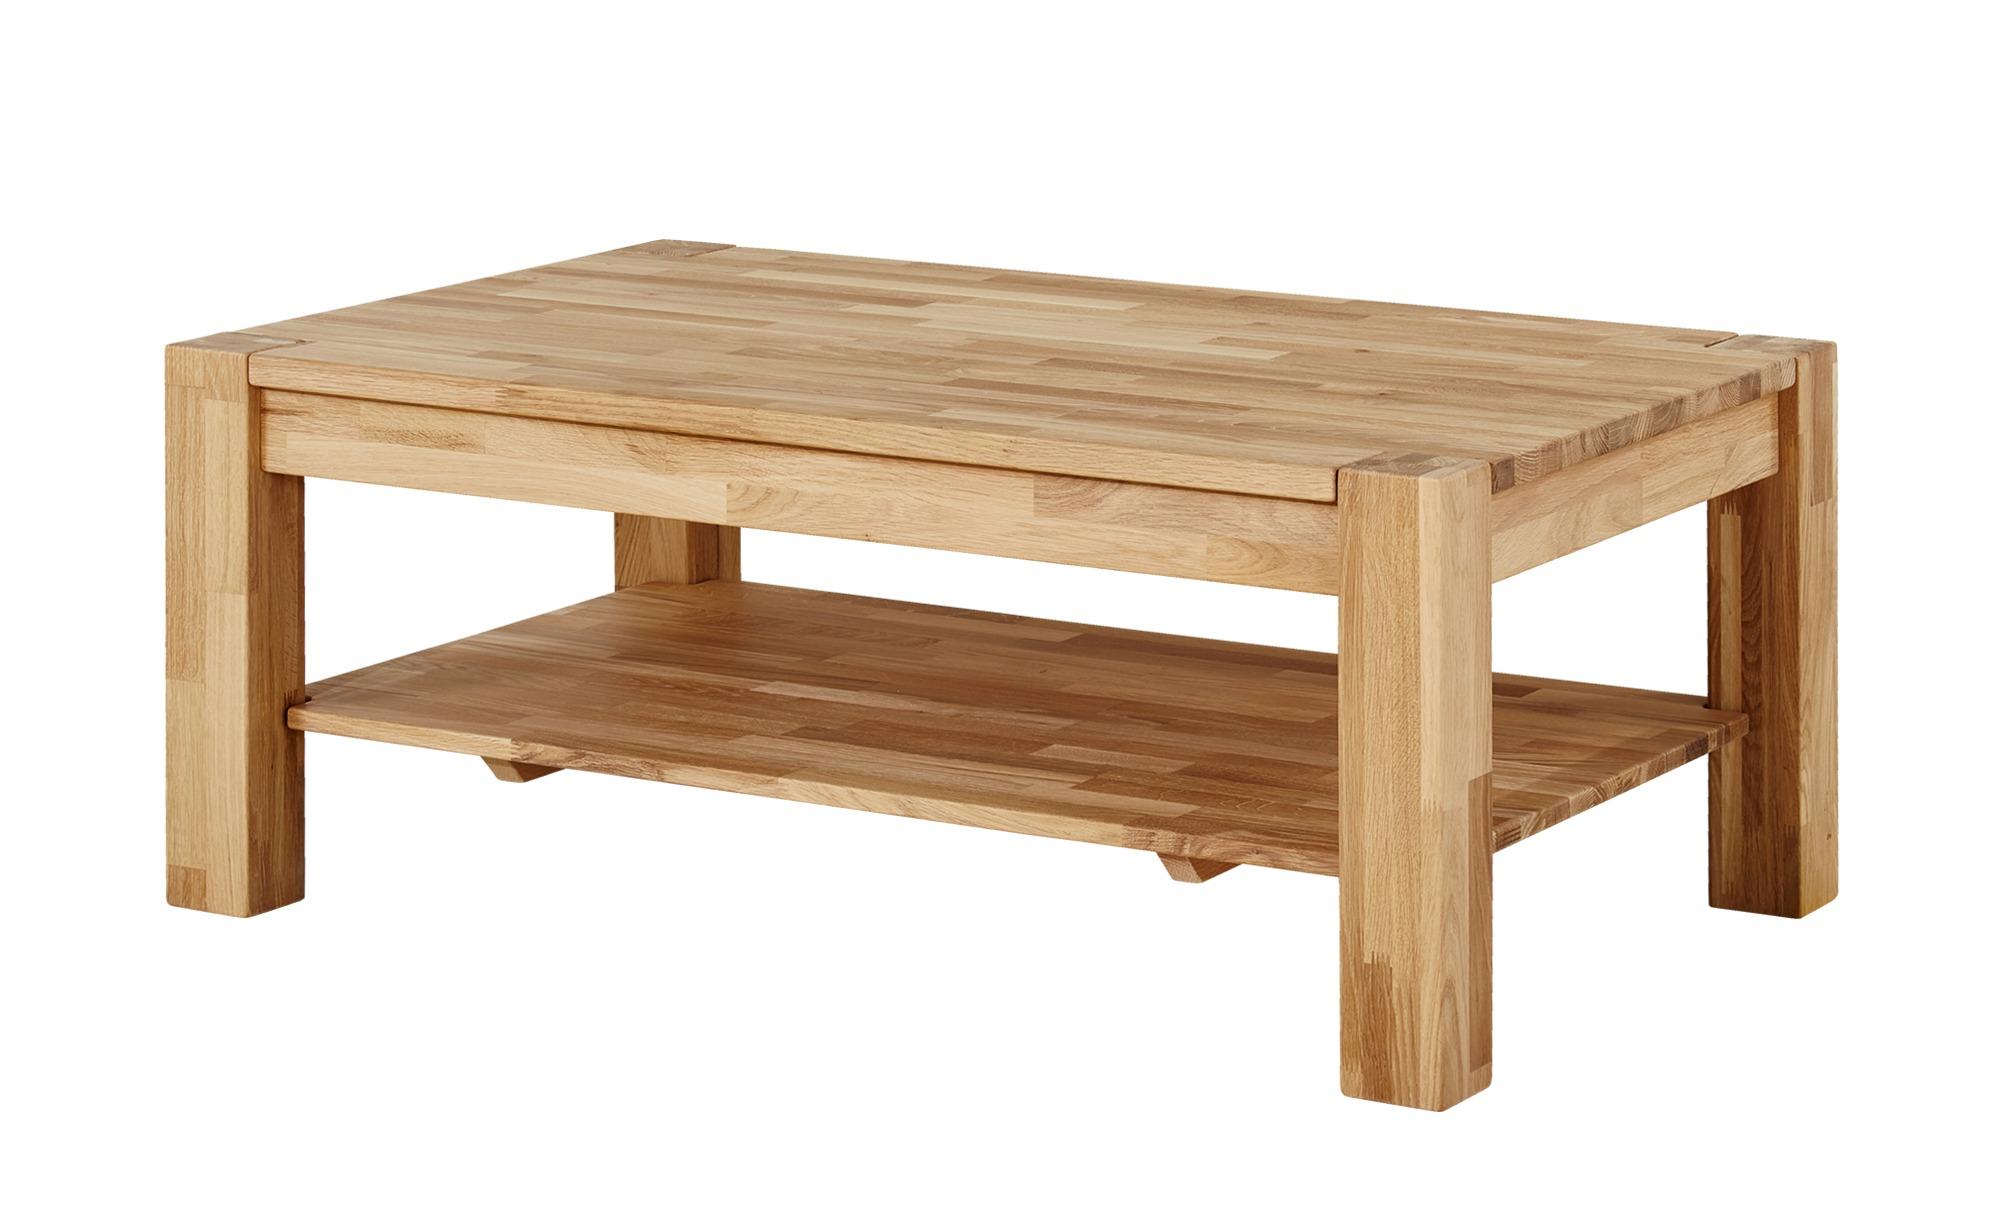 Runder wohnzimmertisch ~ Trace runder esstisch tables round esstisch